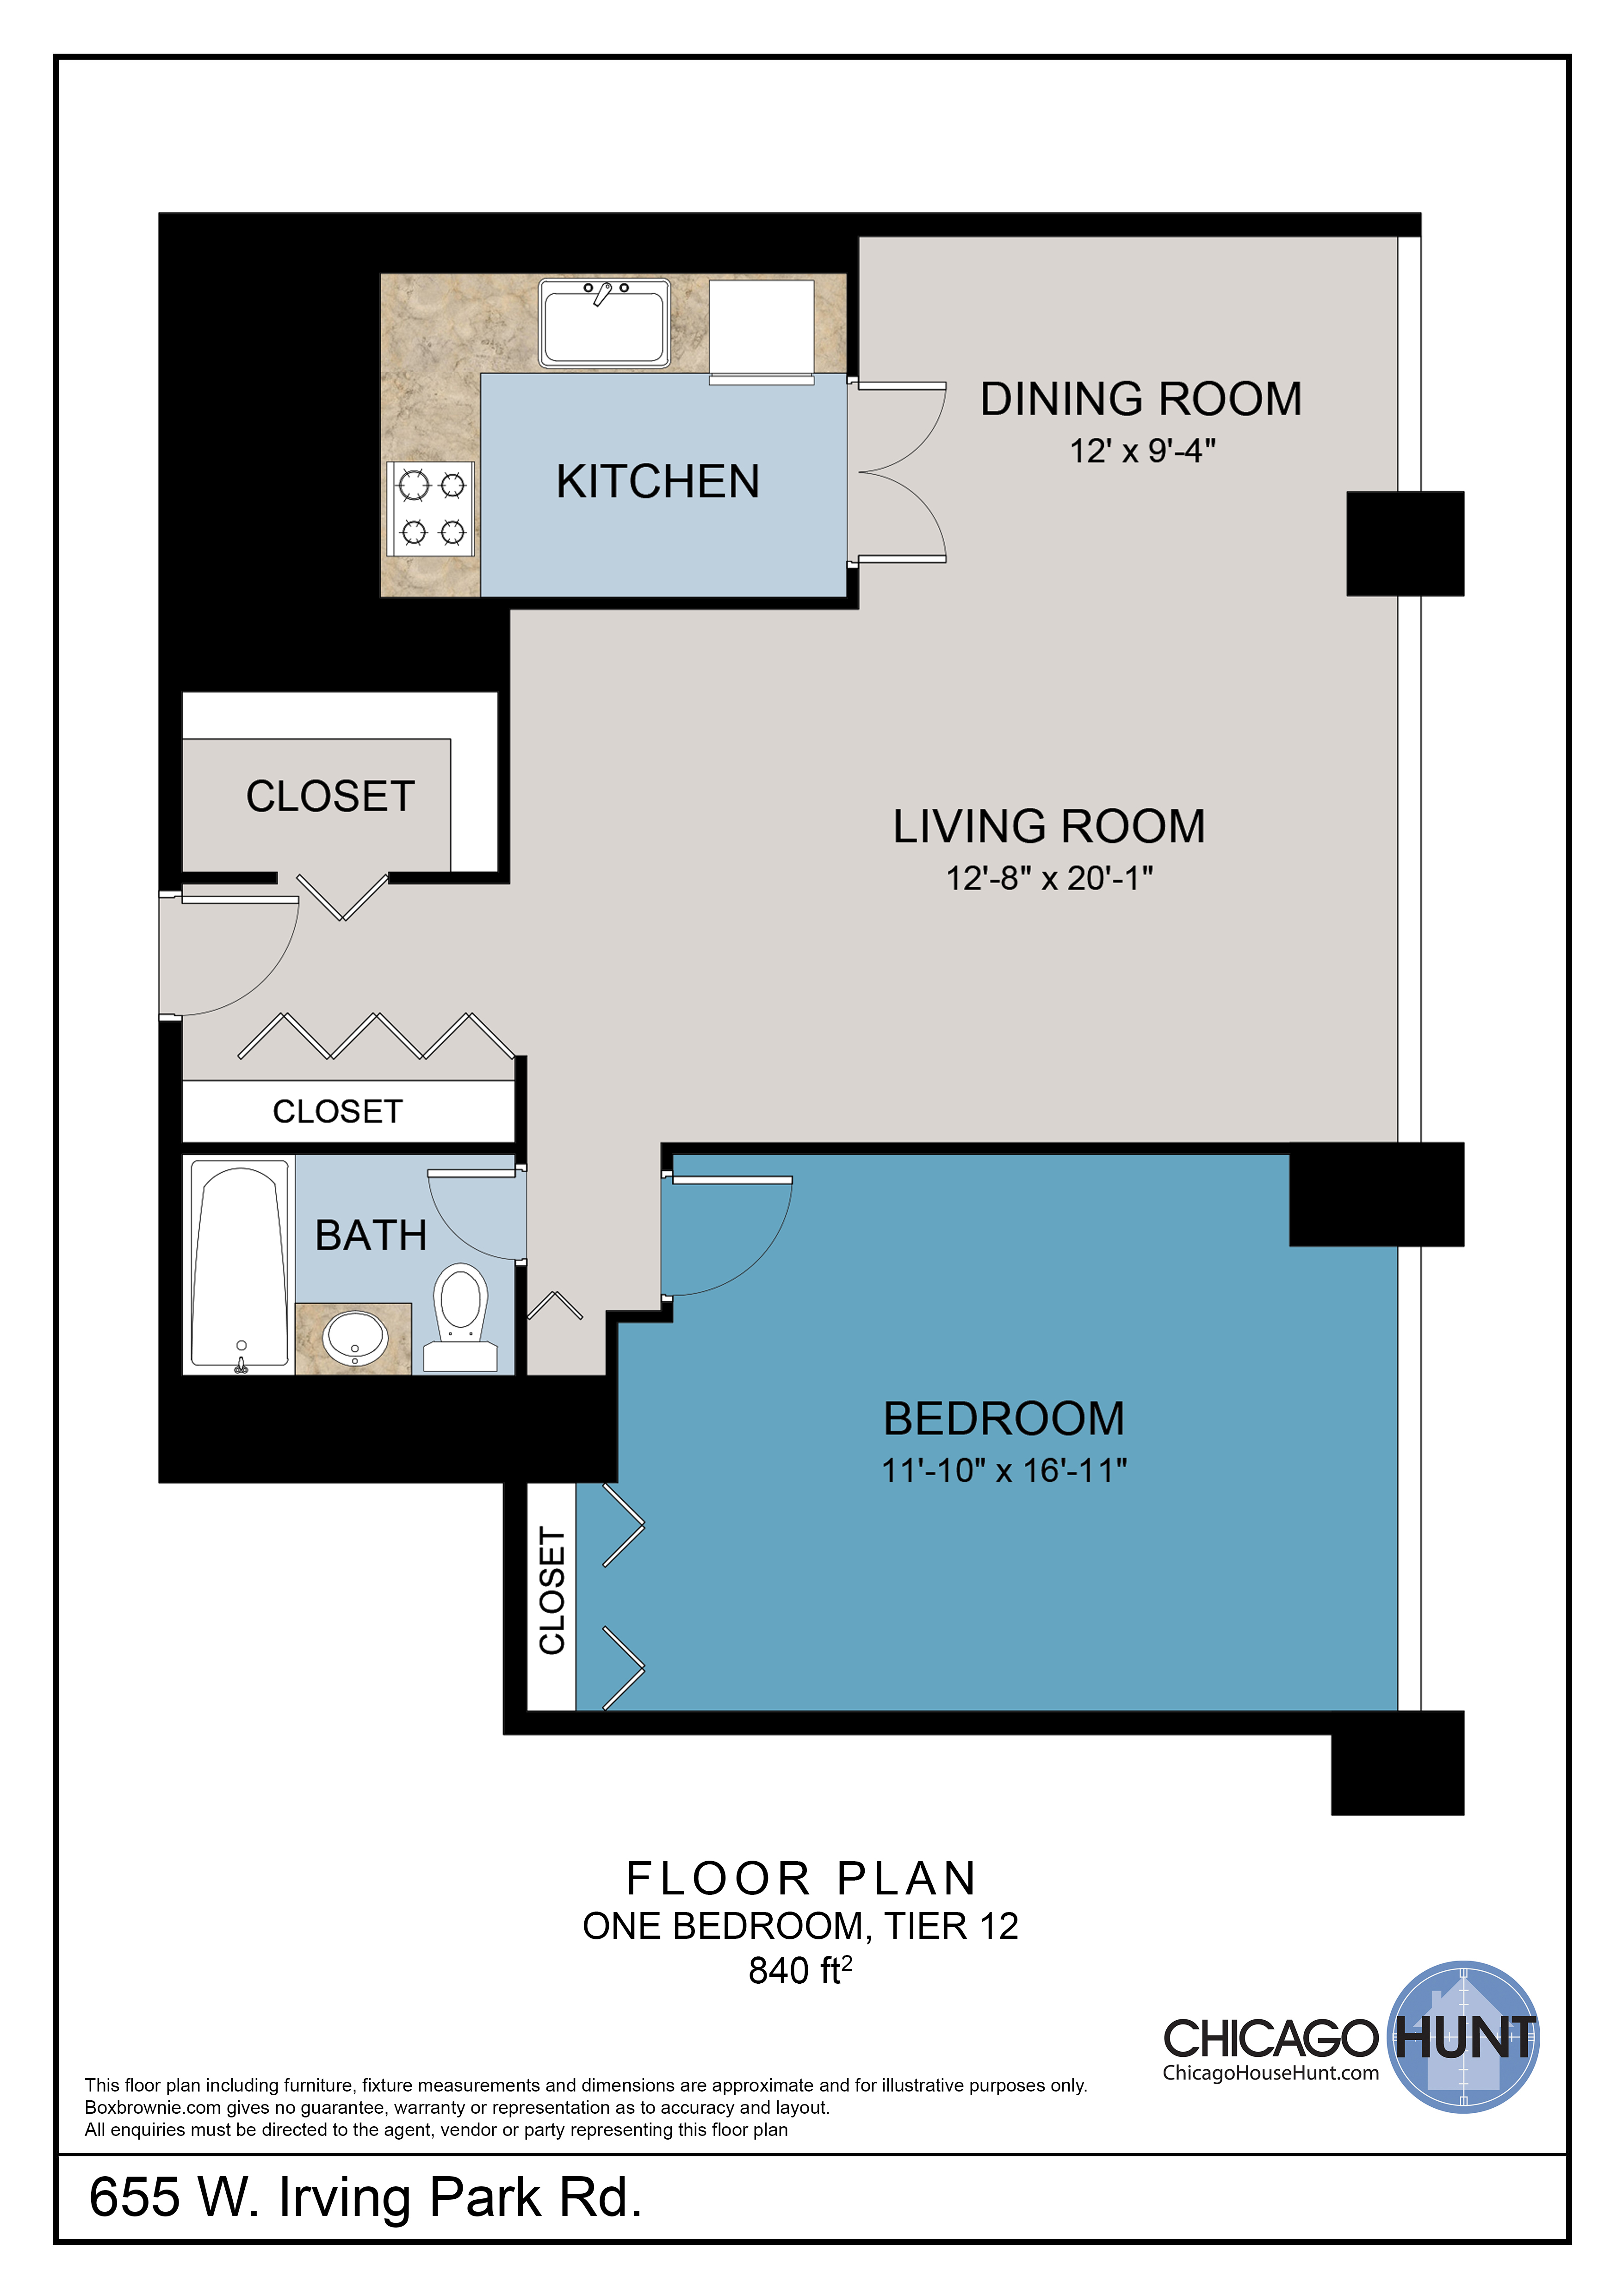 655 Irving Park, Park Place Towere - Floor Plan - Tier 12